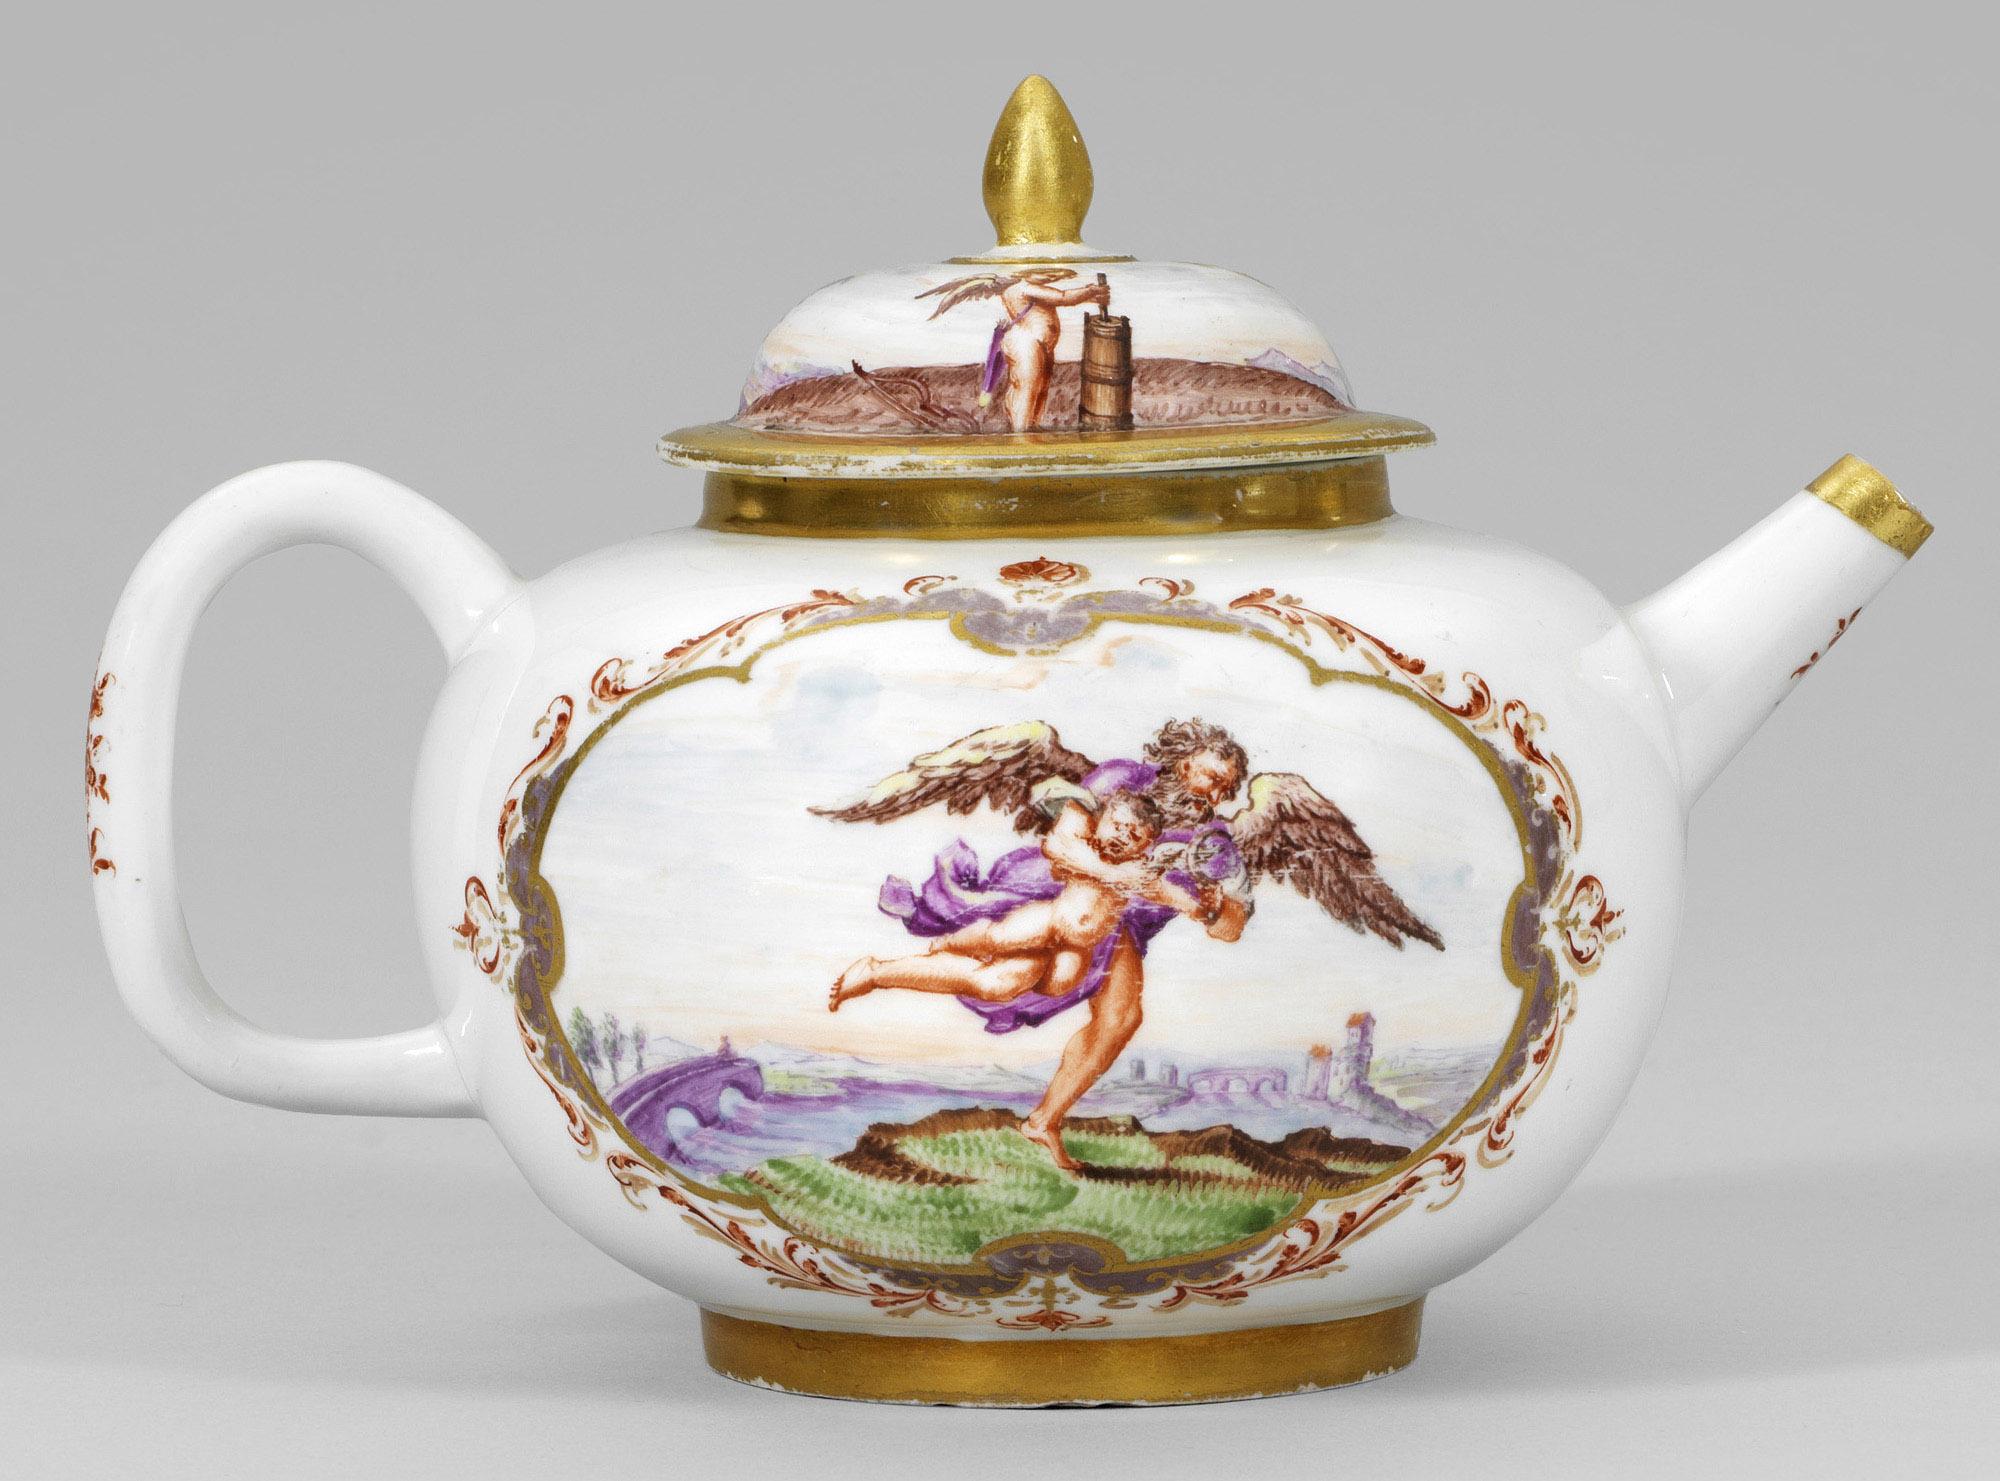 Seltene Teekanne mit mythologischen Szenen